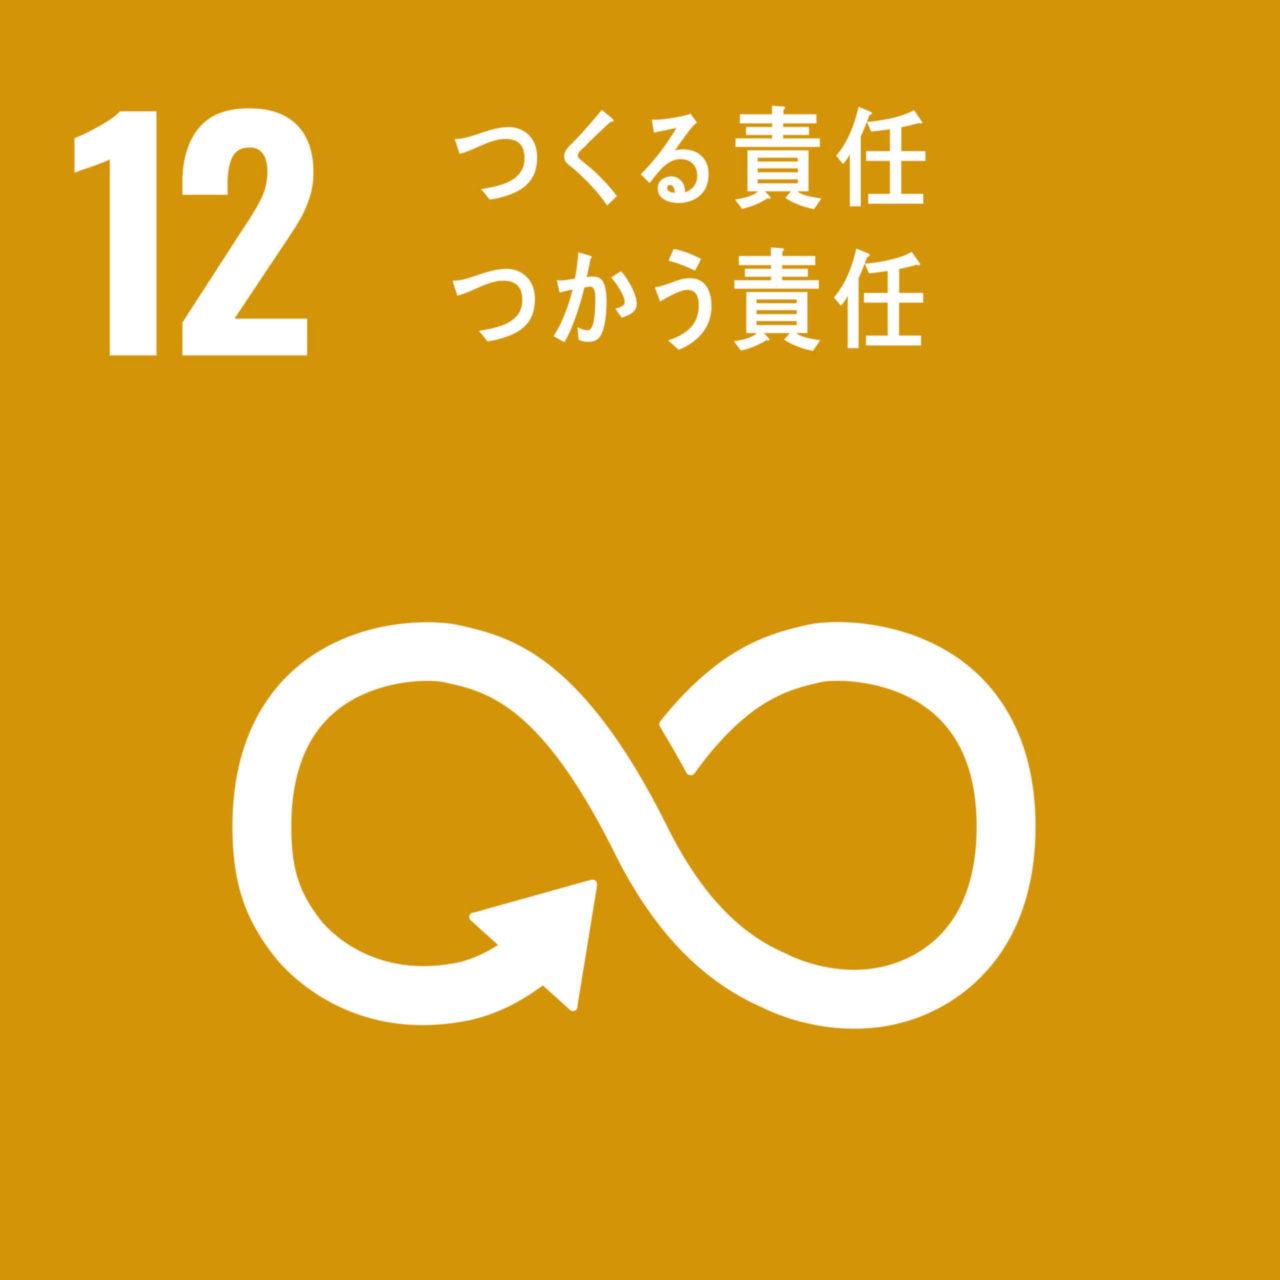 大阪市の工務店リーフのSDGs6